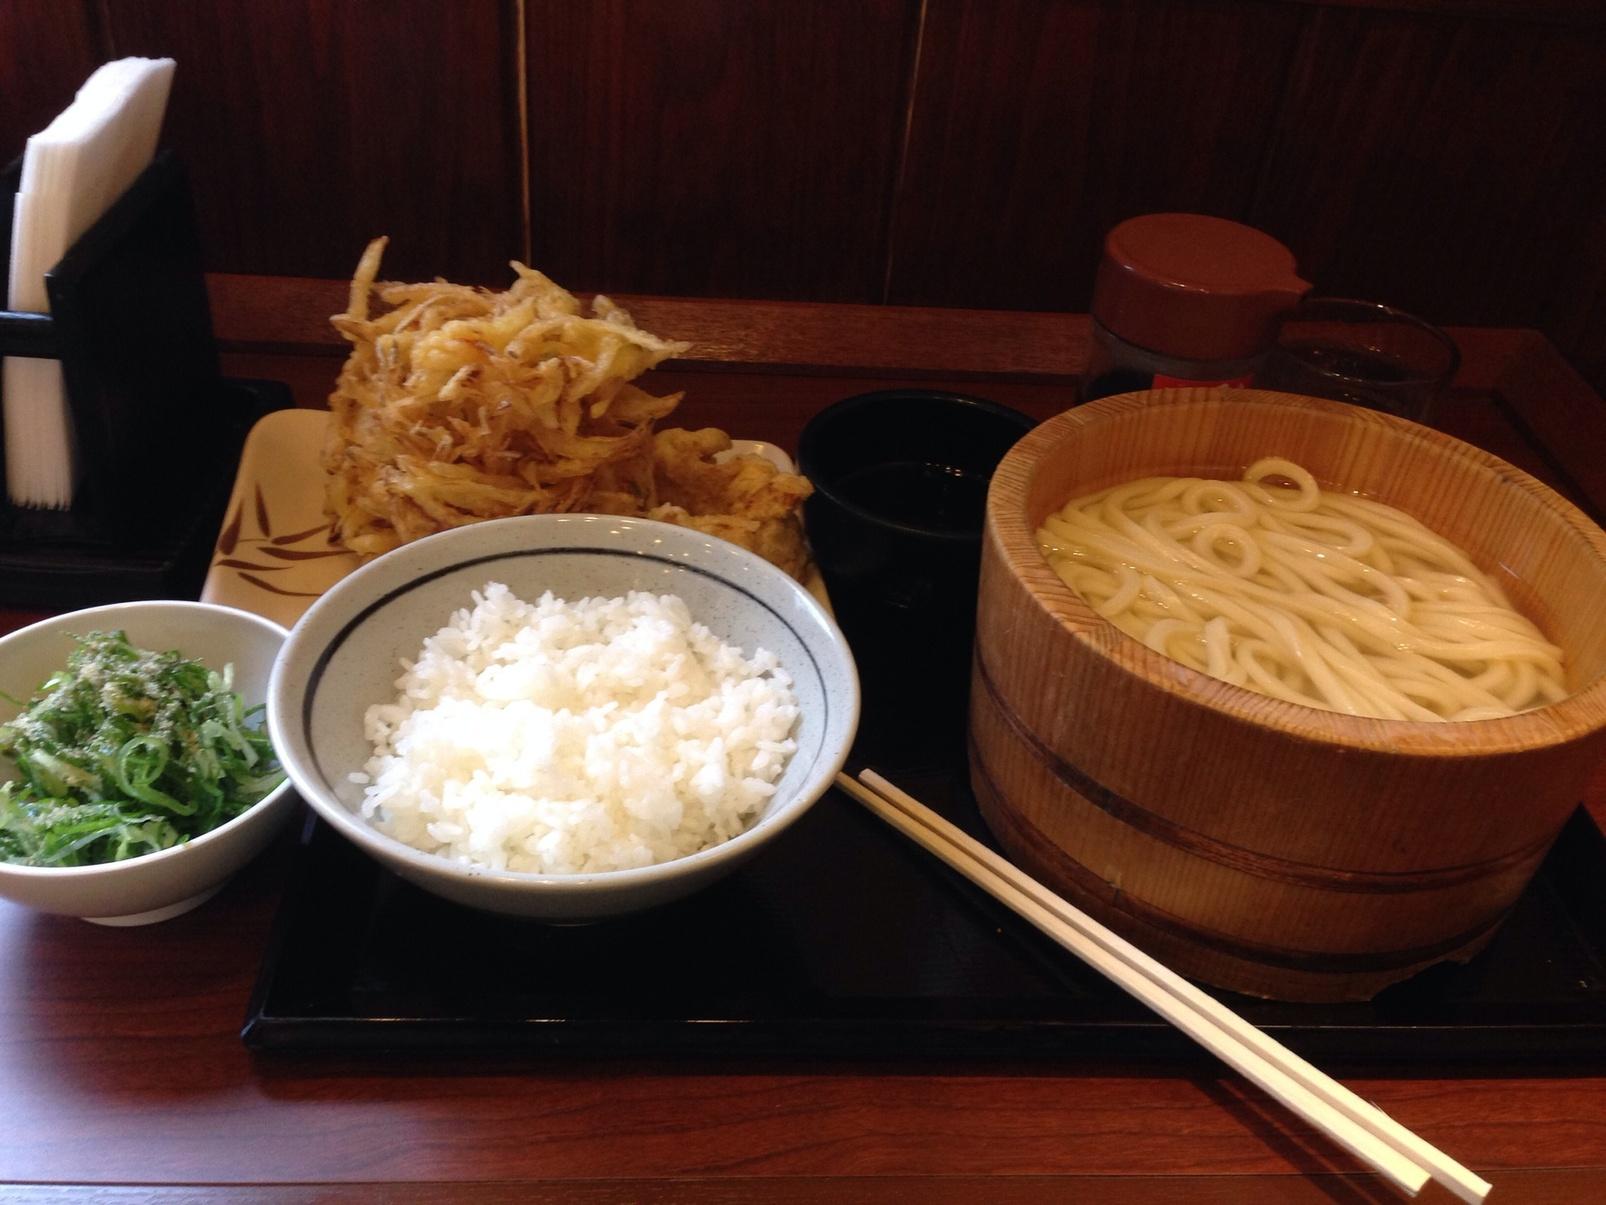 丸亀製麺 黒磯店 name=